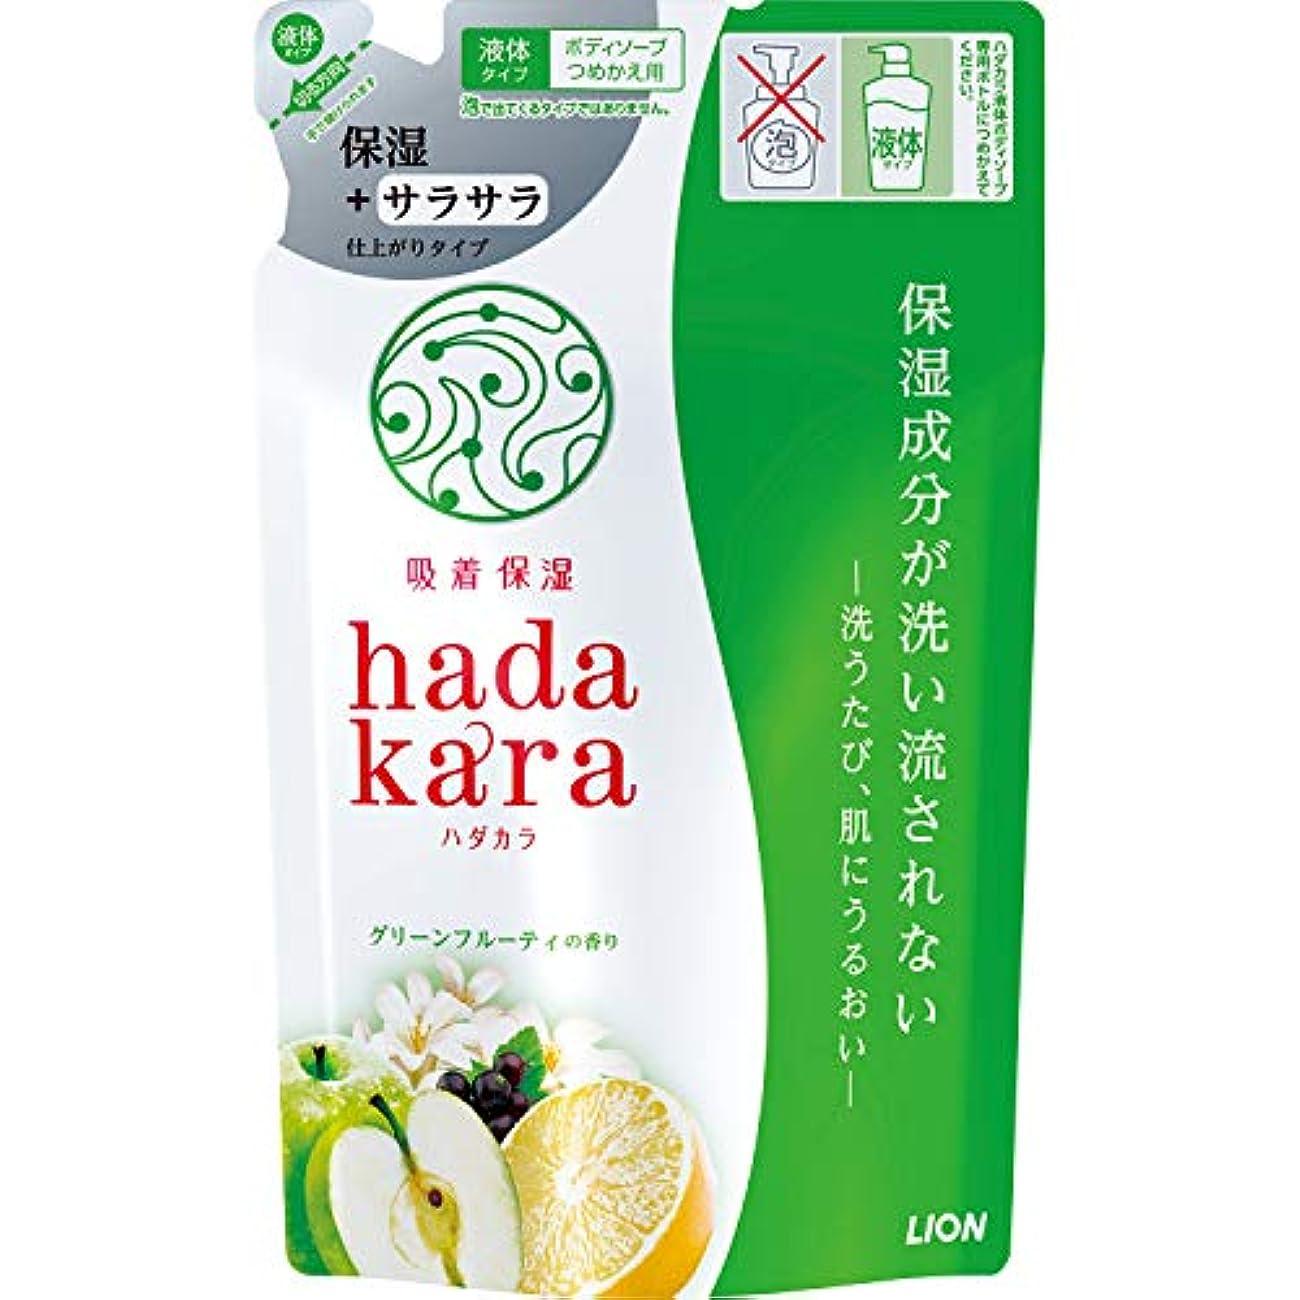 アッティカスたぶん成功するhadakara(ハダカラ) ボディソープ 保湿+サラサラ仕上がりタイプ グリーンフルーティの香り 詰め替え 340ml